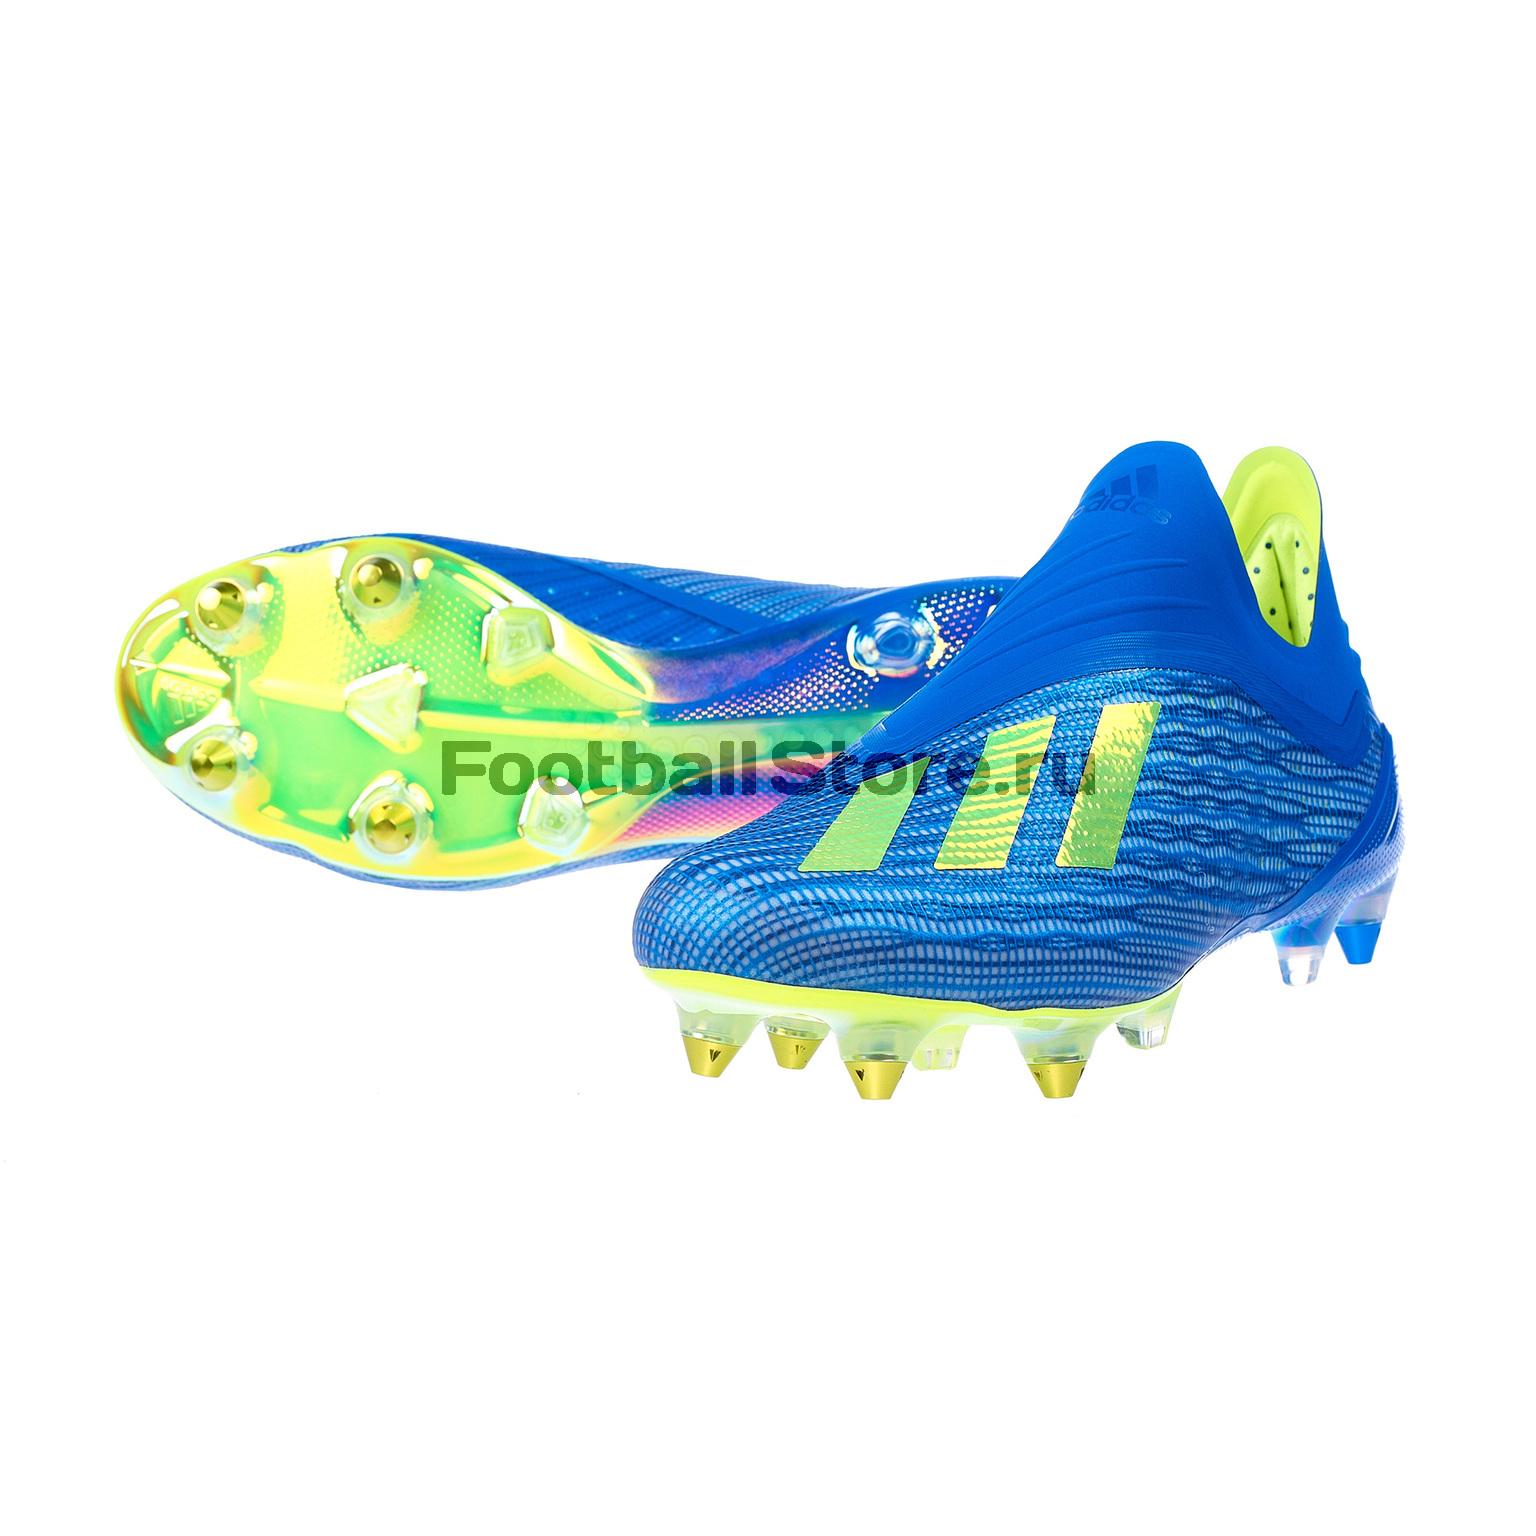 42ba9a2c Бутсы Adidas X 18+ SG CM8364 – купить бутсы в интернет магазине ...